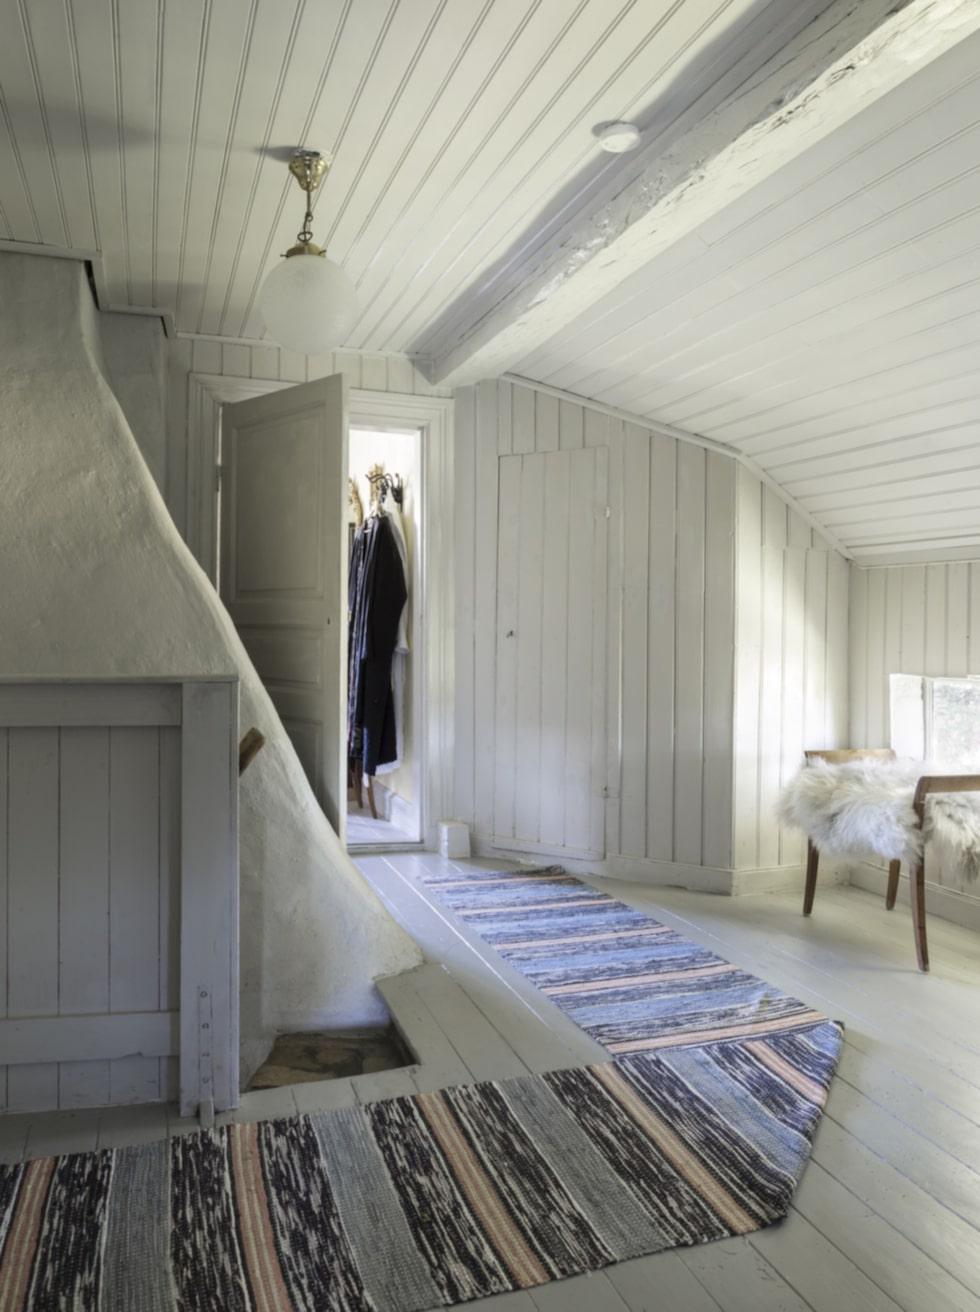 Grå toner. Hela ovanvåningen är målad med samma grå färg. Murstocken trängs bredvid den speciella trappan, där de första stegen är i tegel för att sedan övergå i trä.